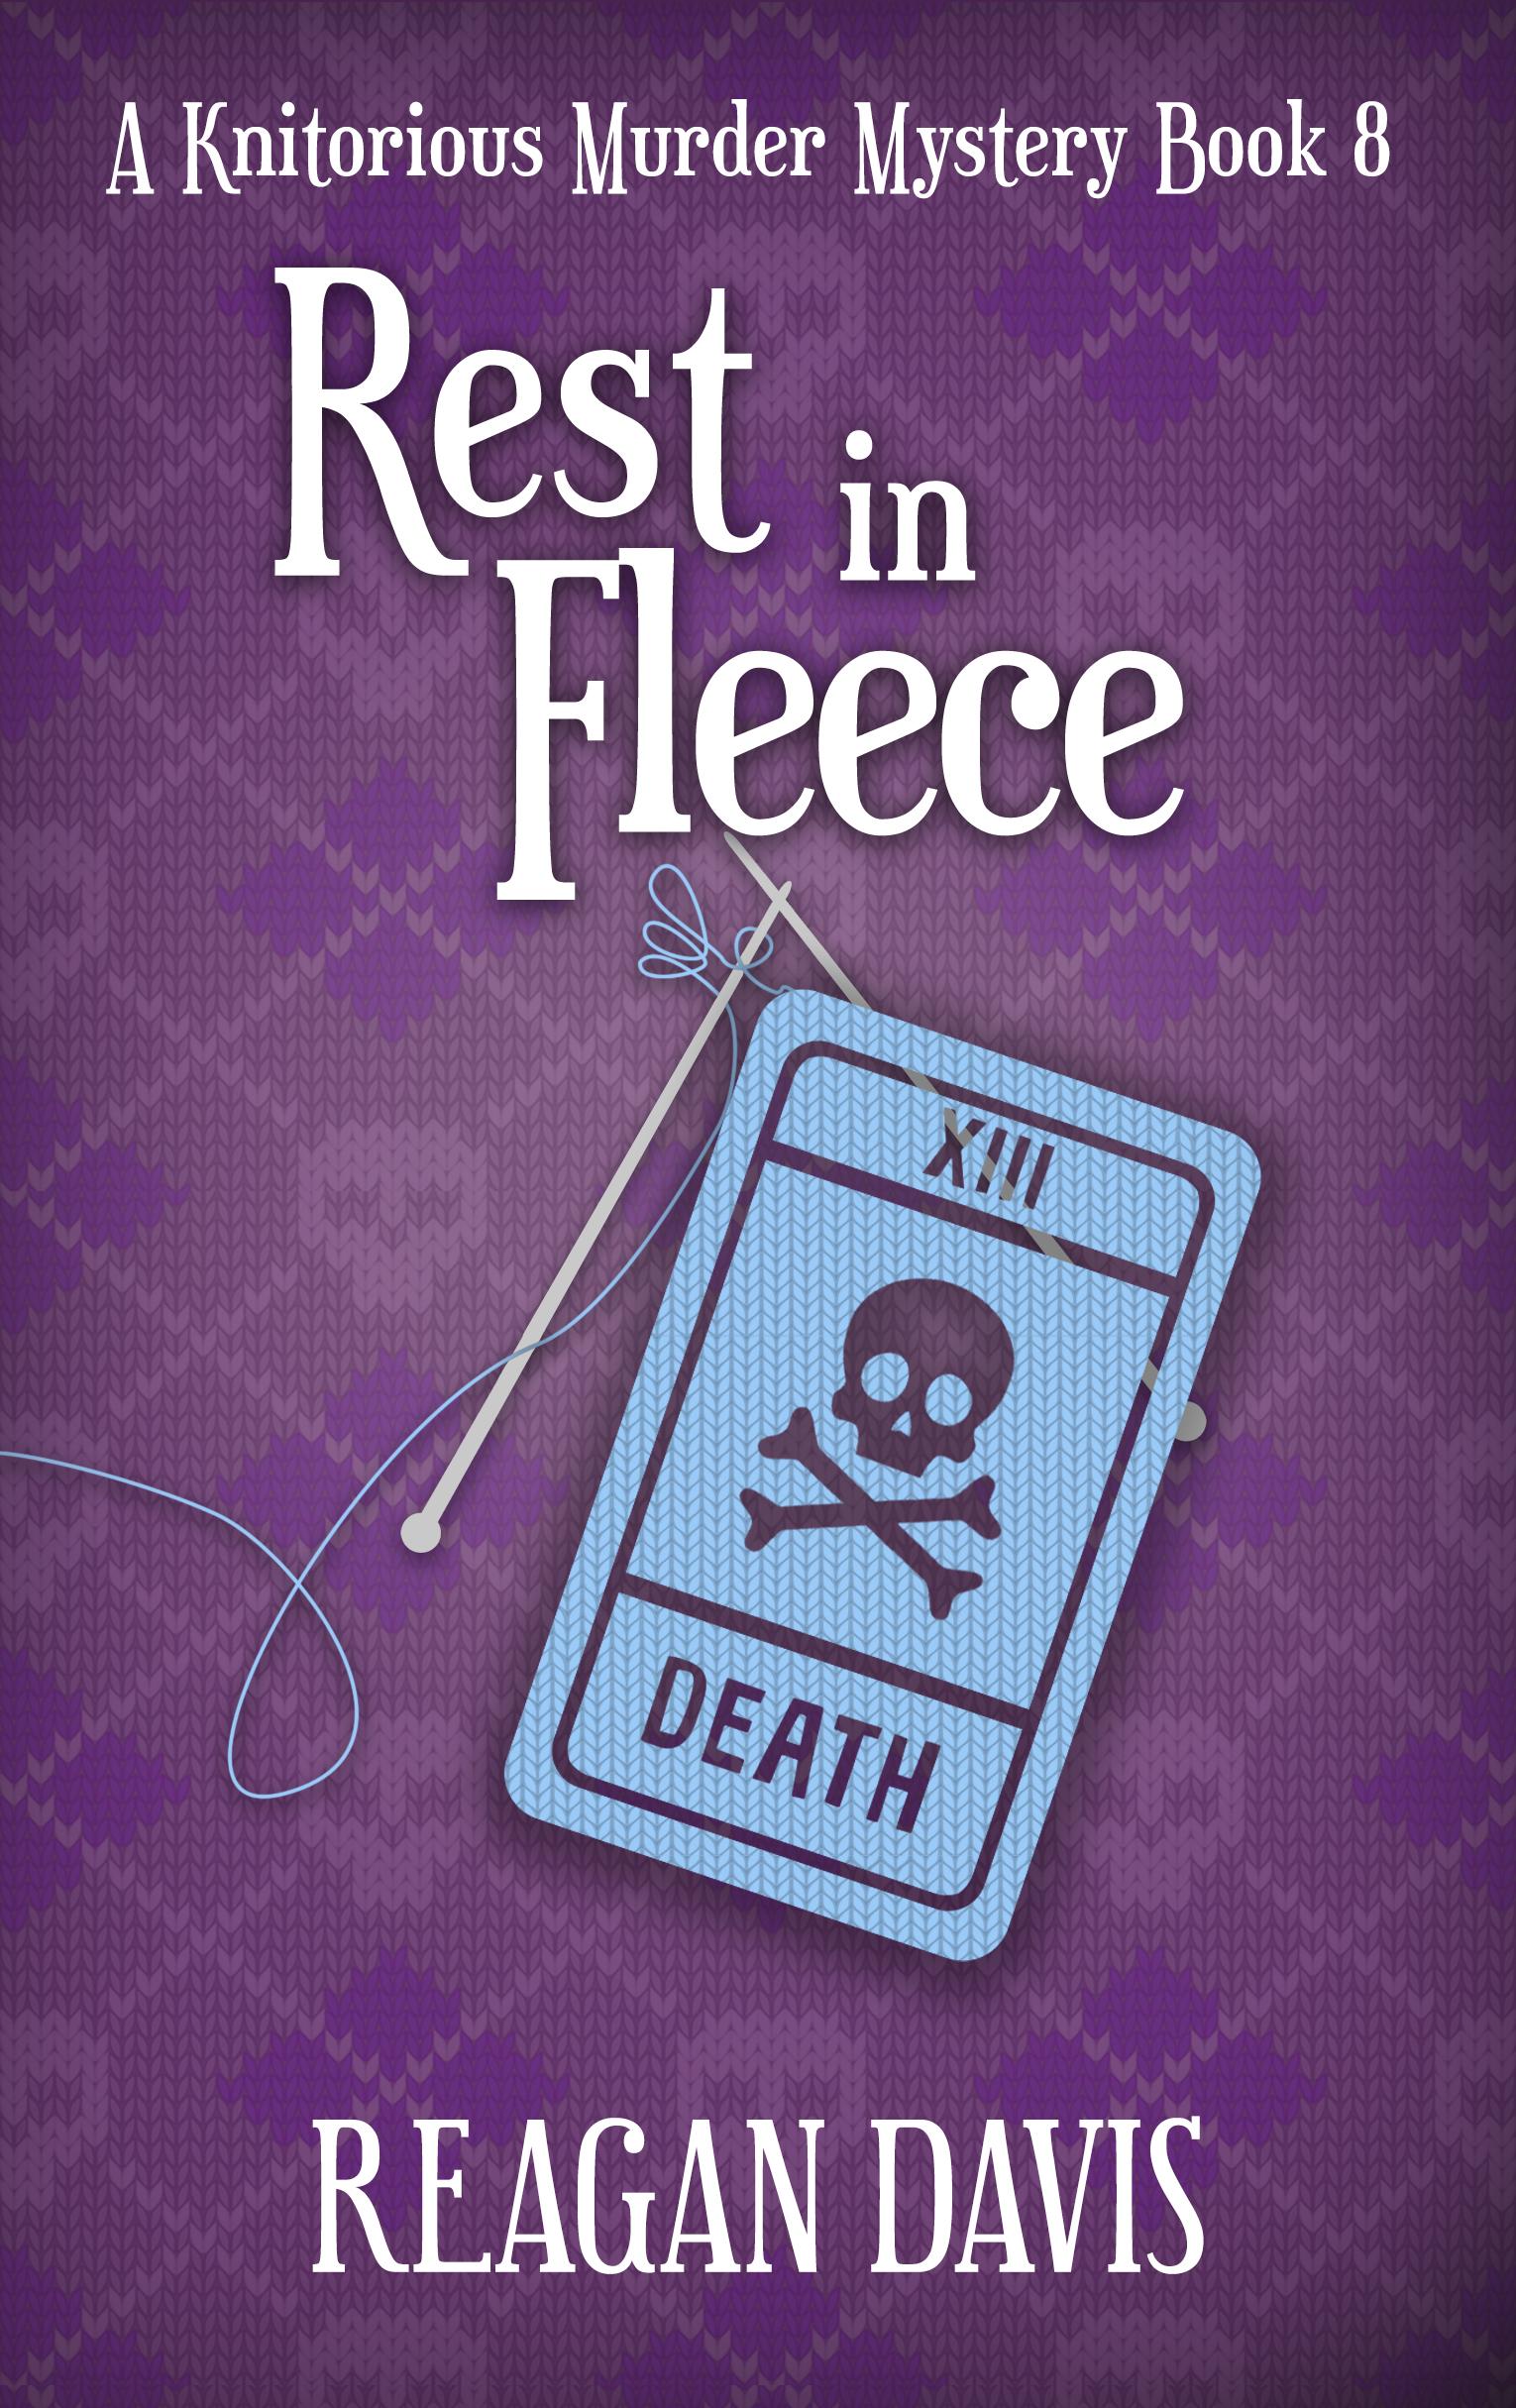 Rest In Fleece